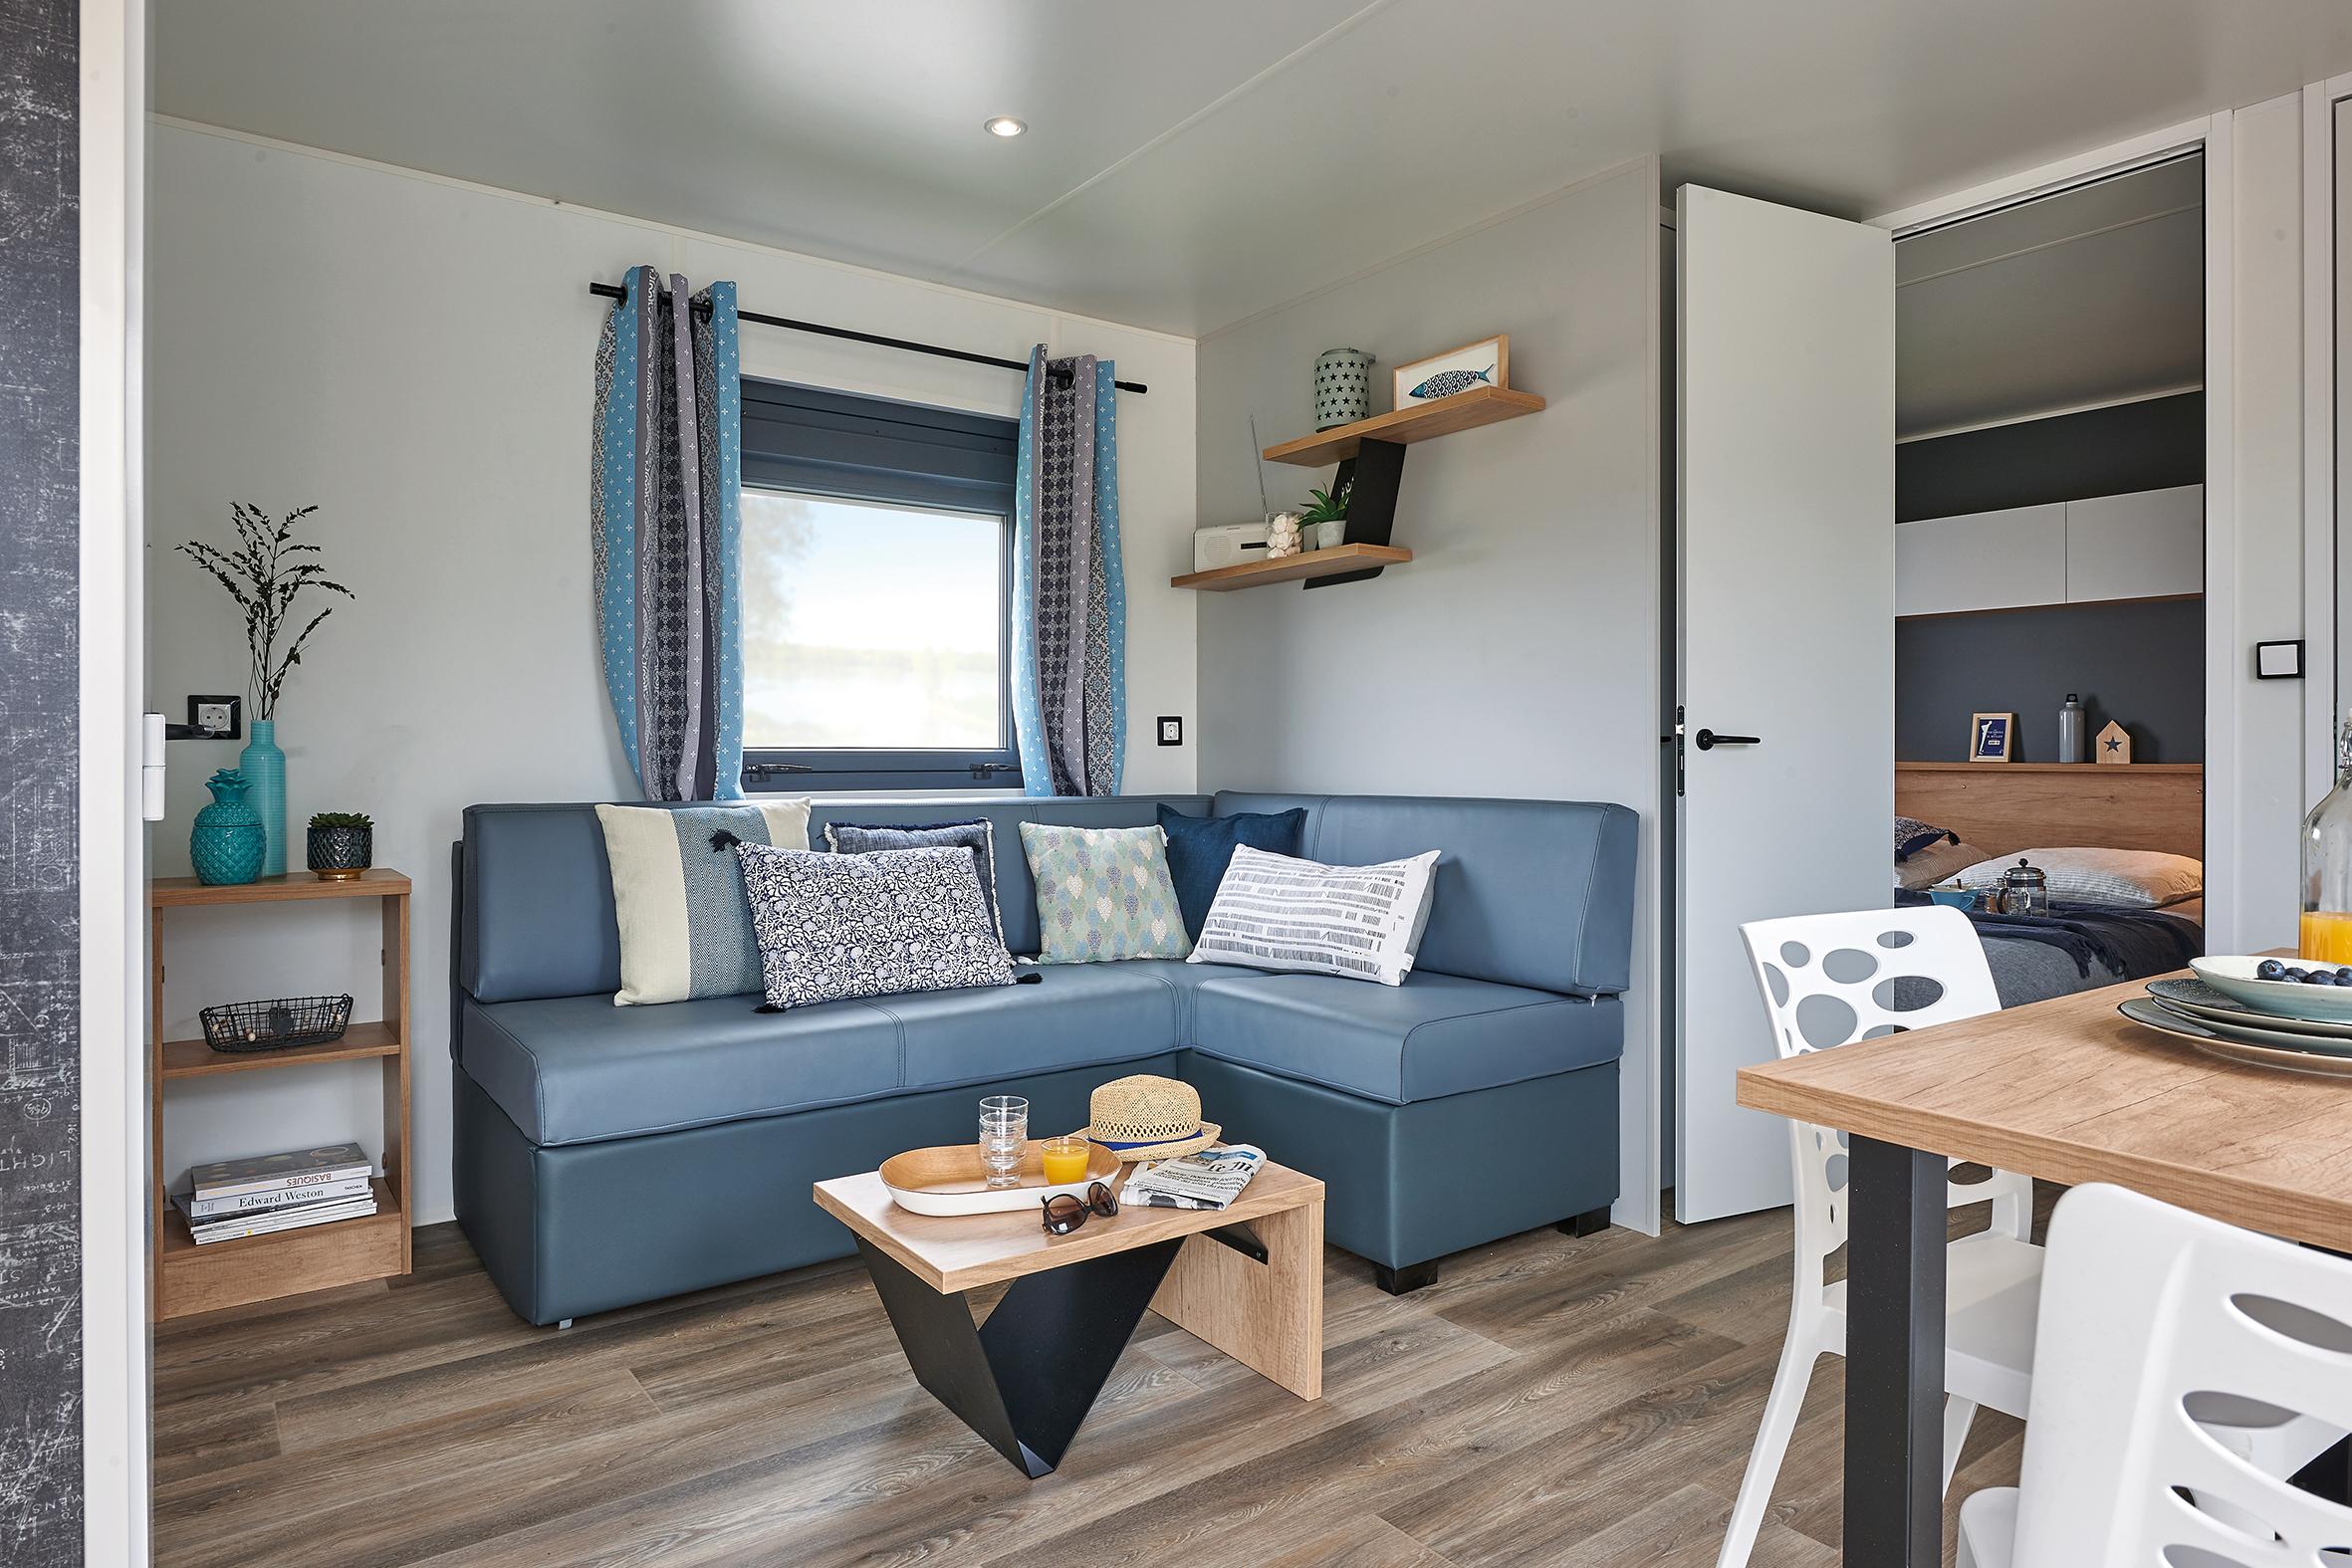 Mobil home Premium Plus 2 chambres 29m² + climatisation & plancha & TV